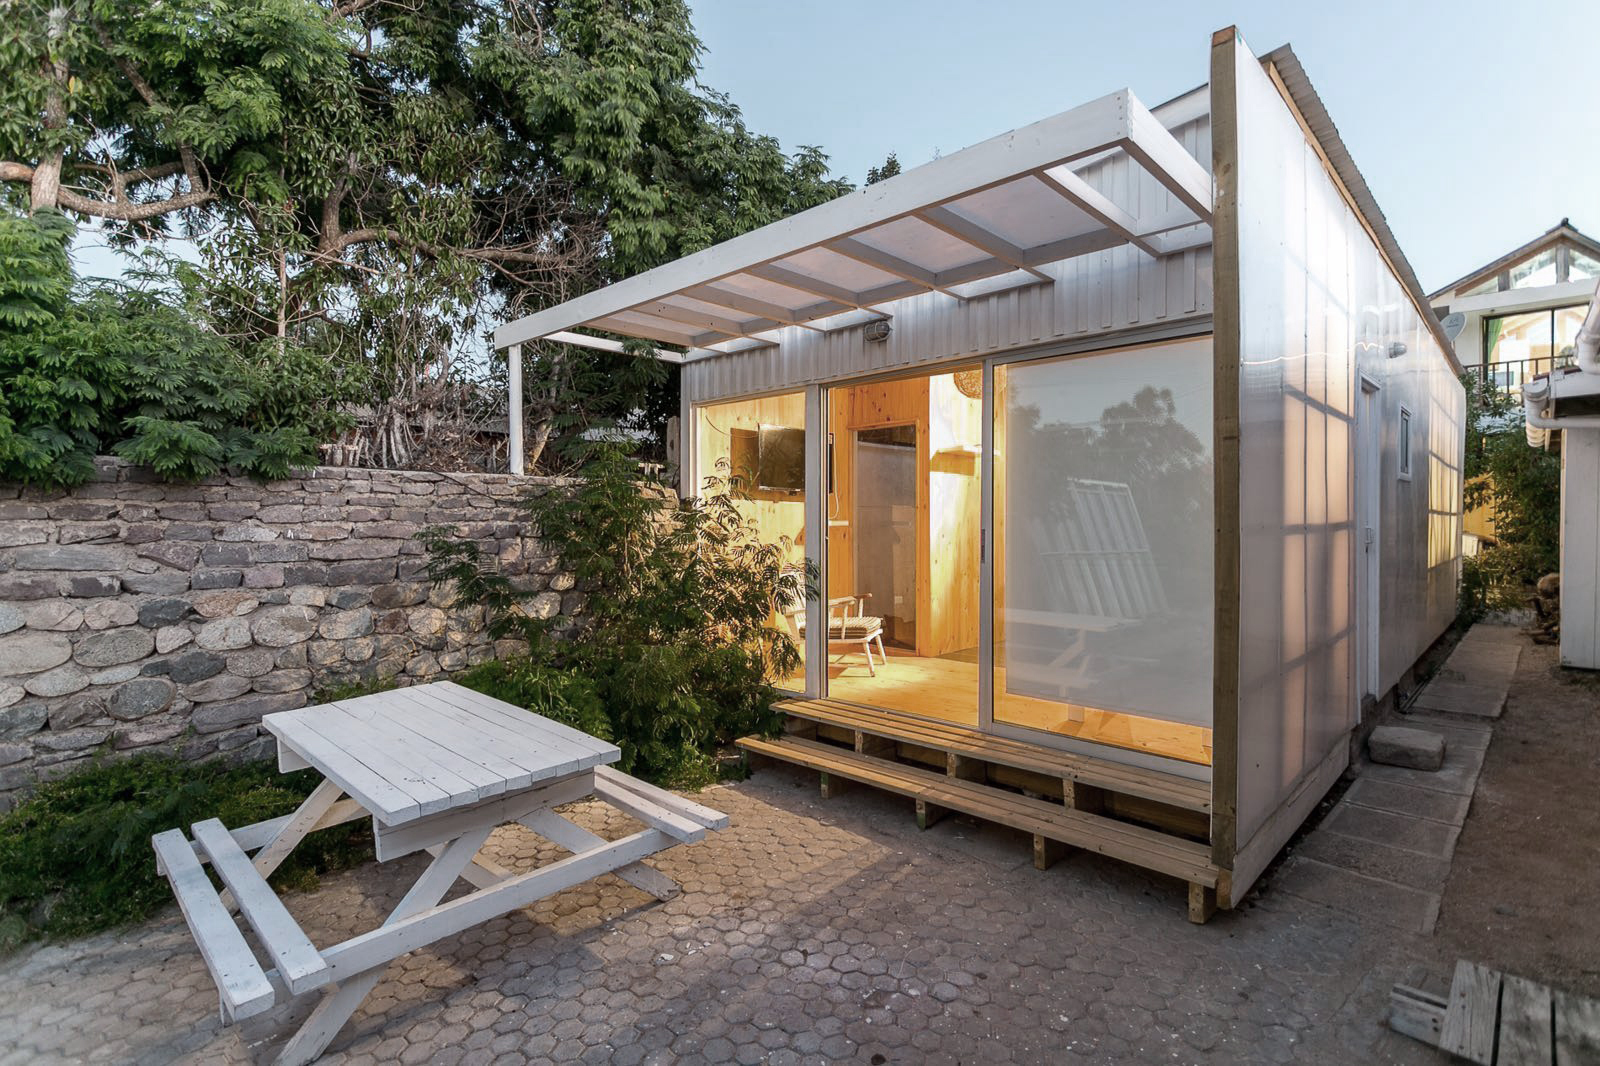 46 Sqm Small Narrow House Design With Low Cost Budget: Cabana De Policarbonato / Alejandro Soffia